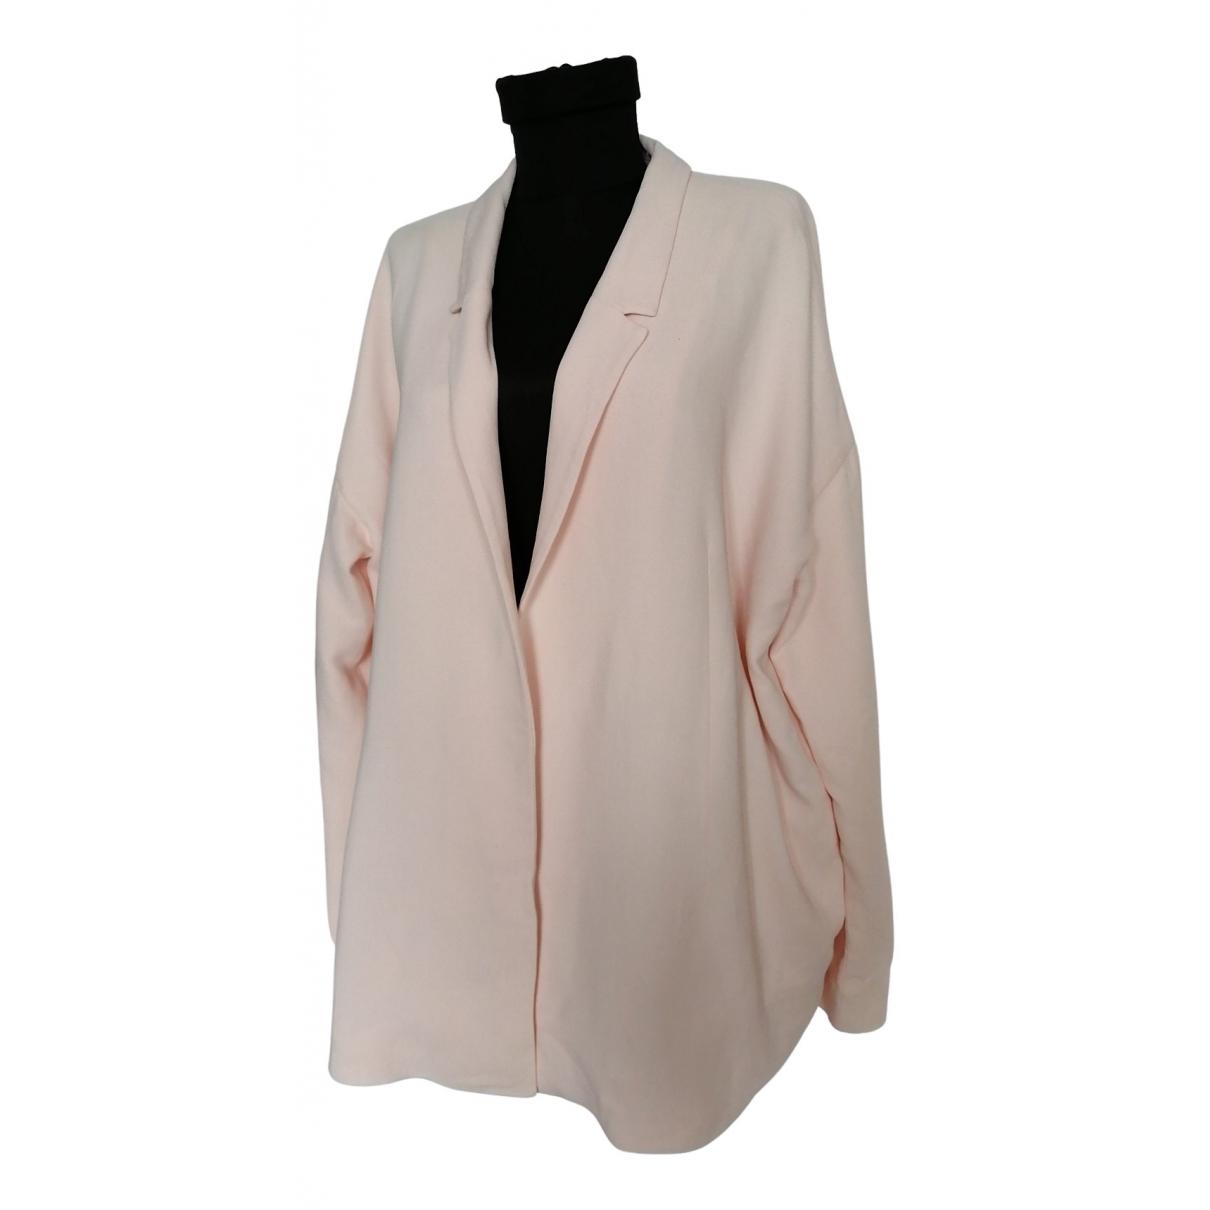 Cos - Veste   pour femme en coton - rose